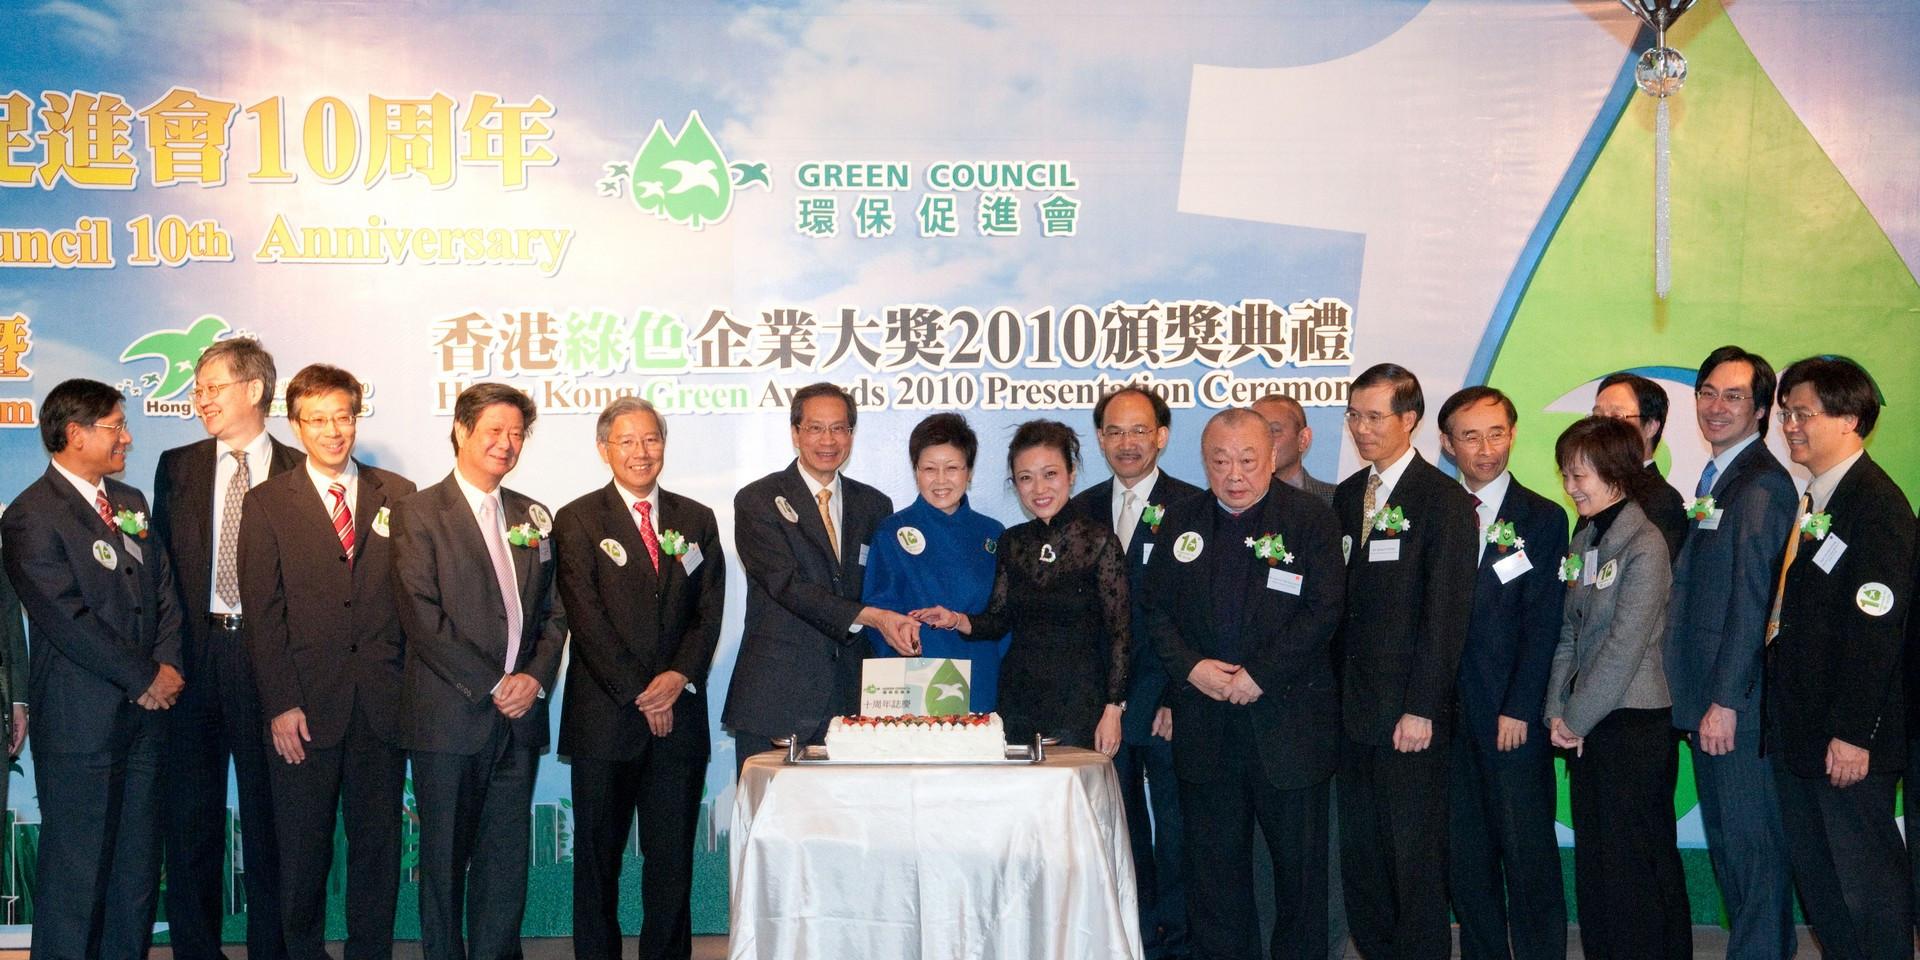 HKGA201009.jpg